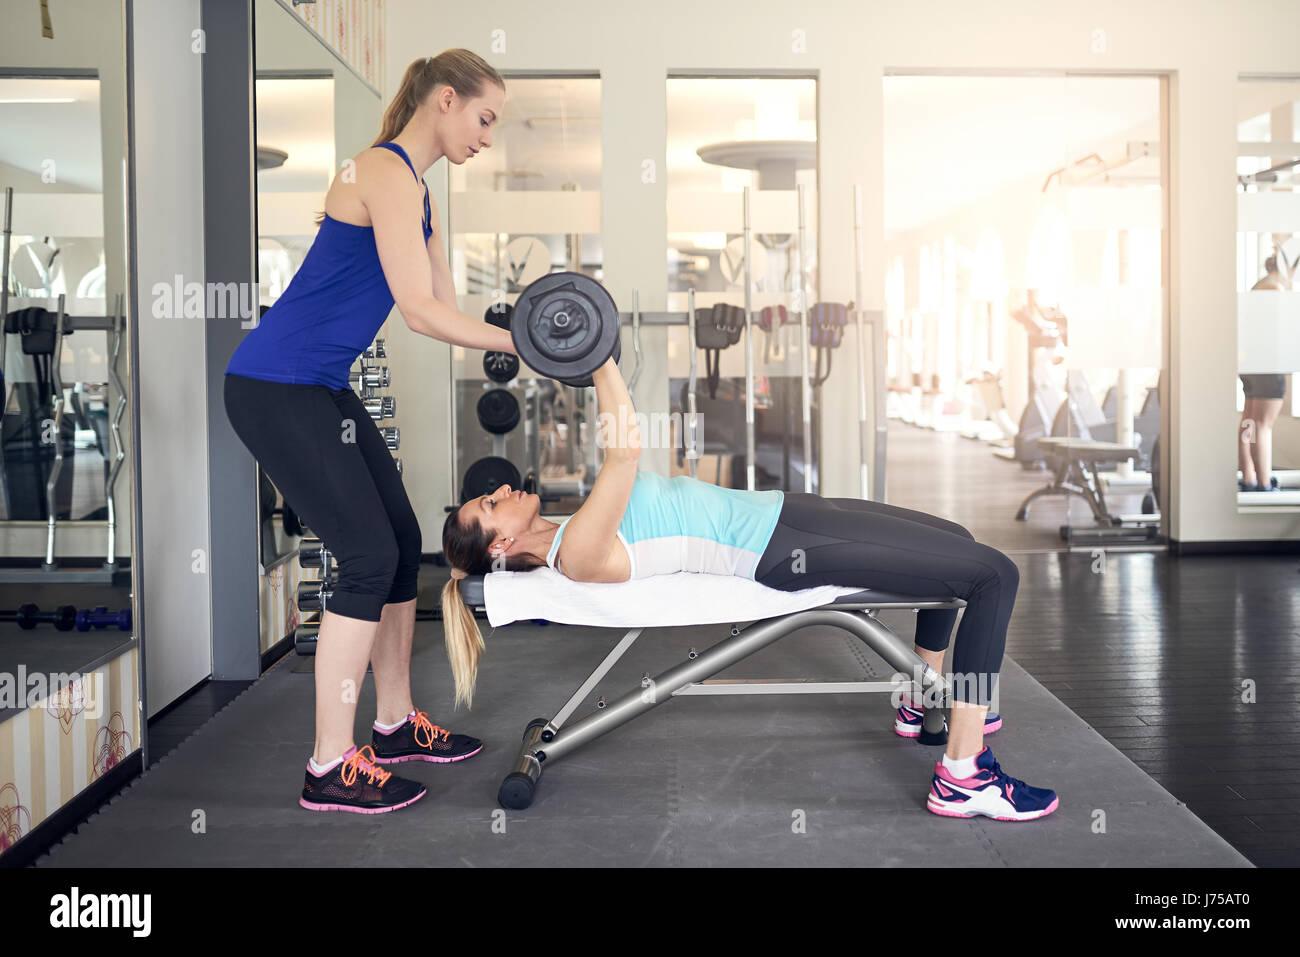 Junge Frau, die Arbeiten mit Langhantel Gewichte auf einer Bank in der Turnhalle mit Hilfe ihres personal Trainers Stockbild